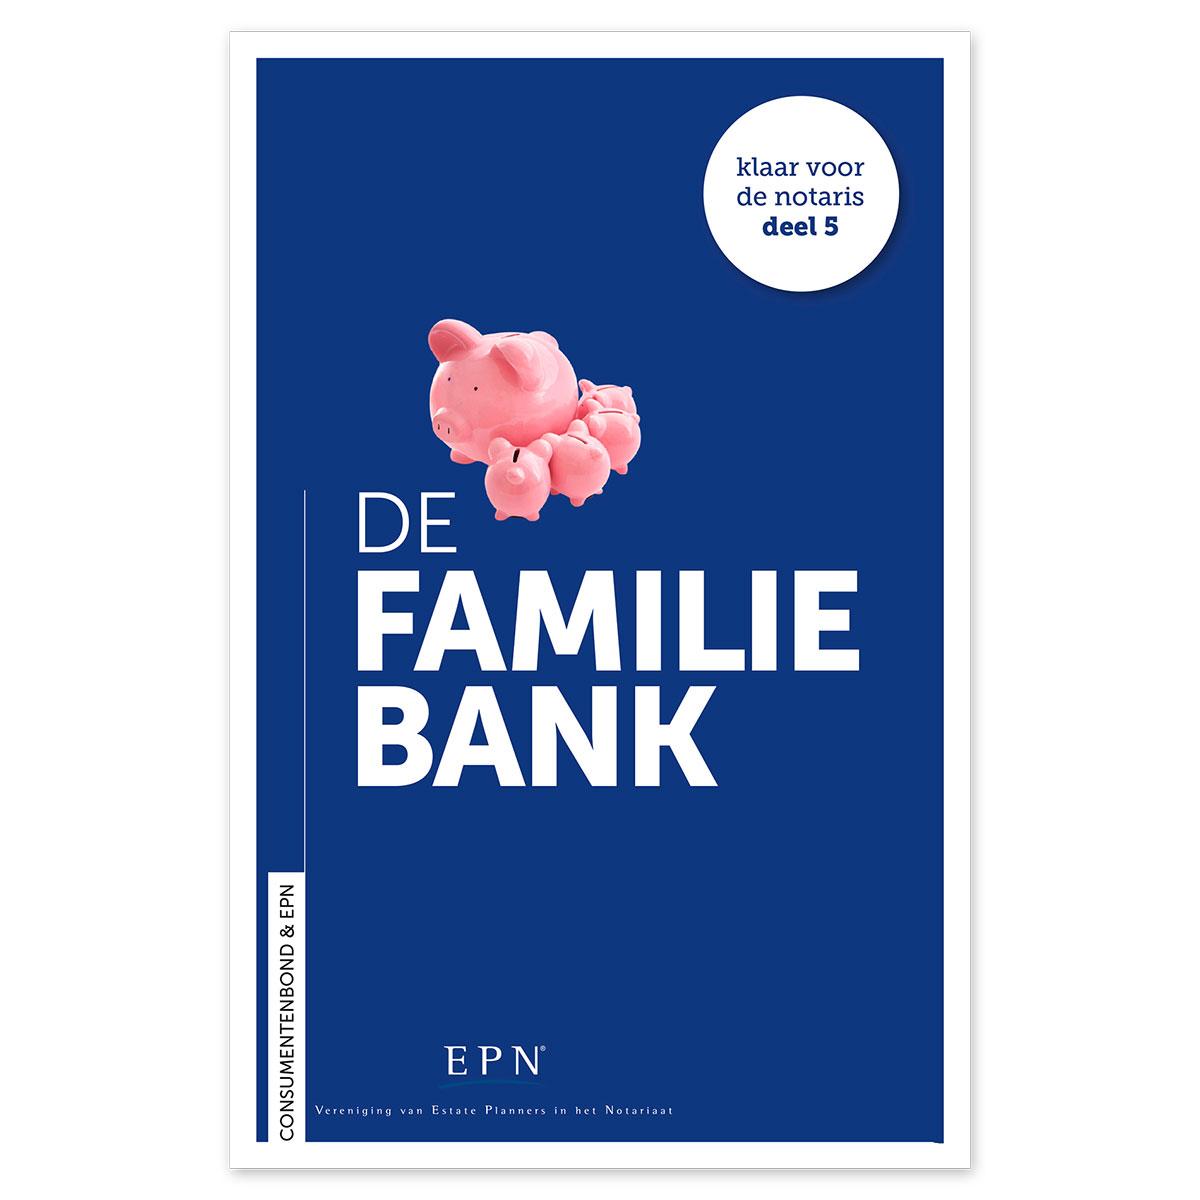 De familiebank goed regelen consumentenbond for Hypotheek samen met ouders